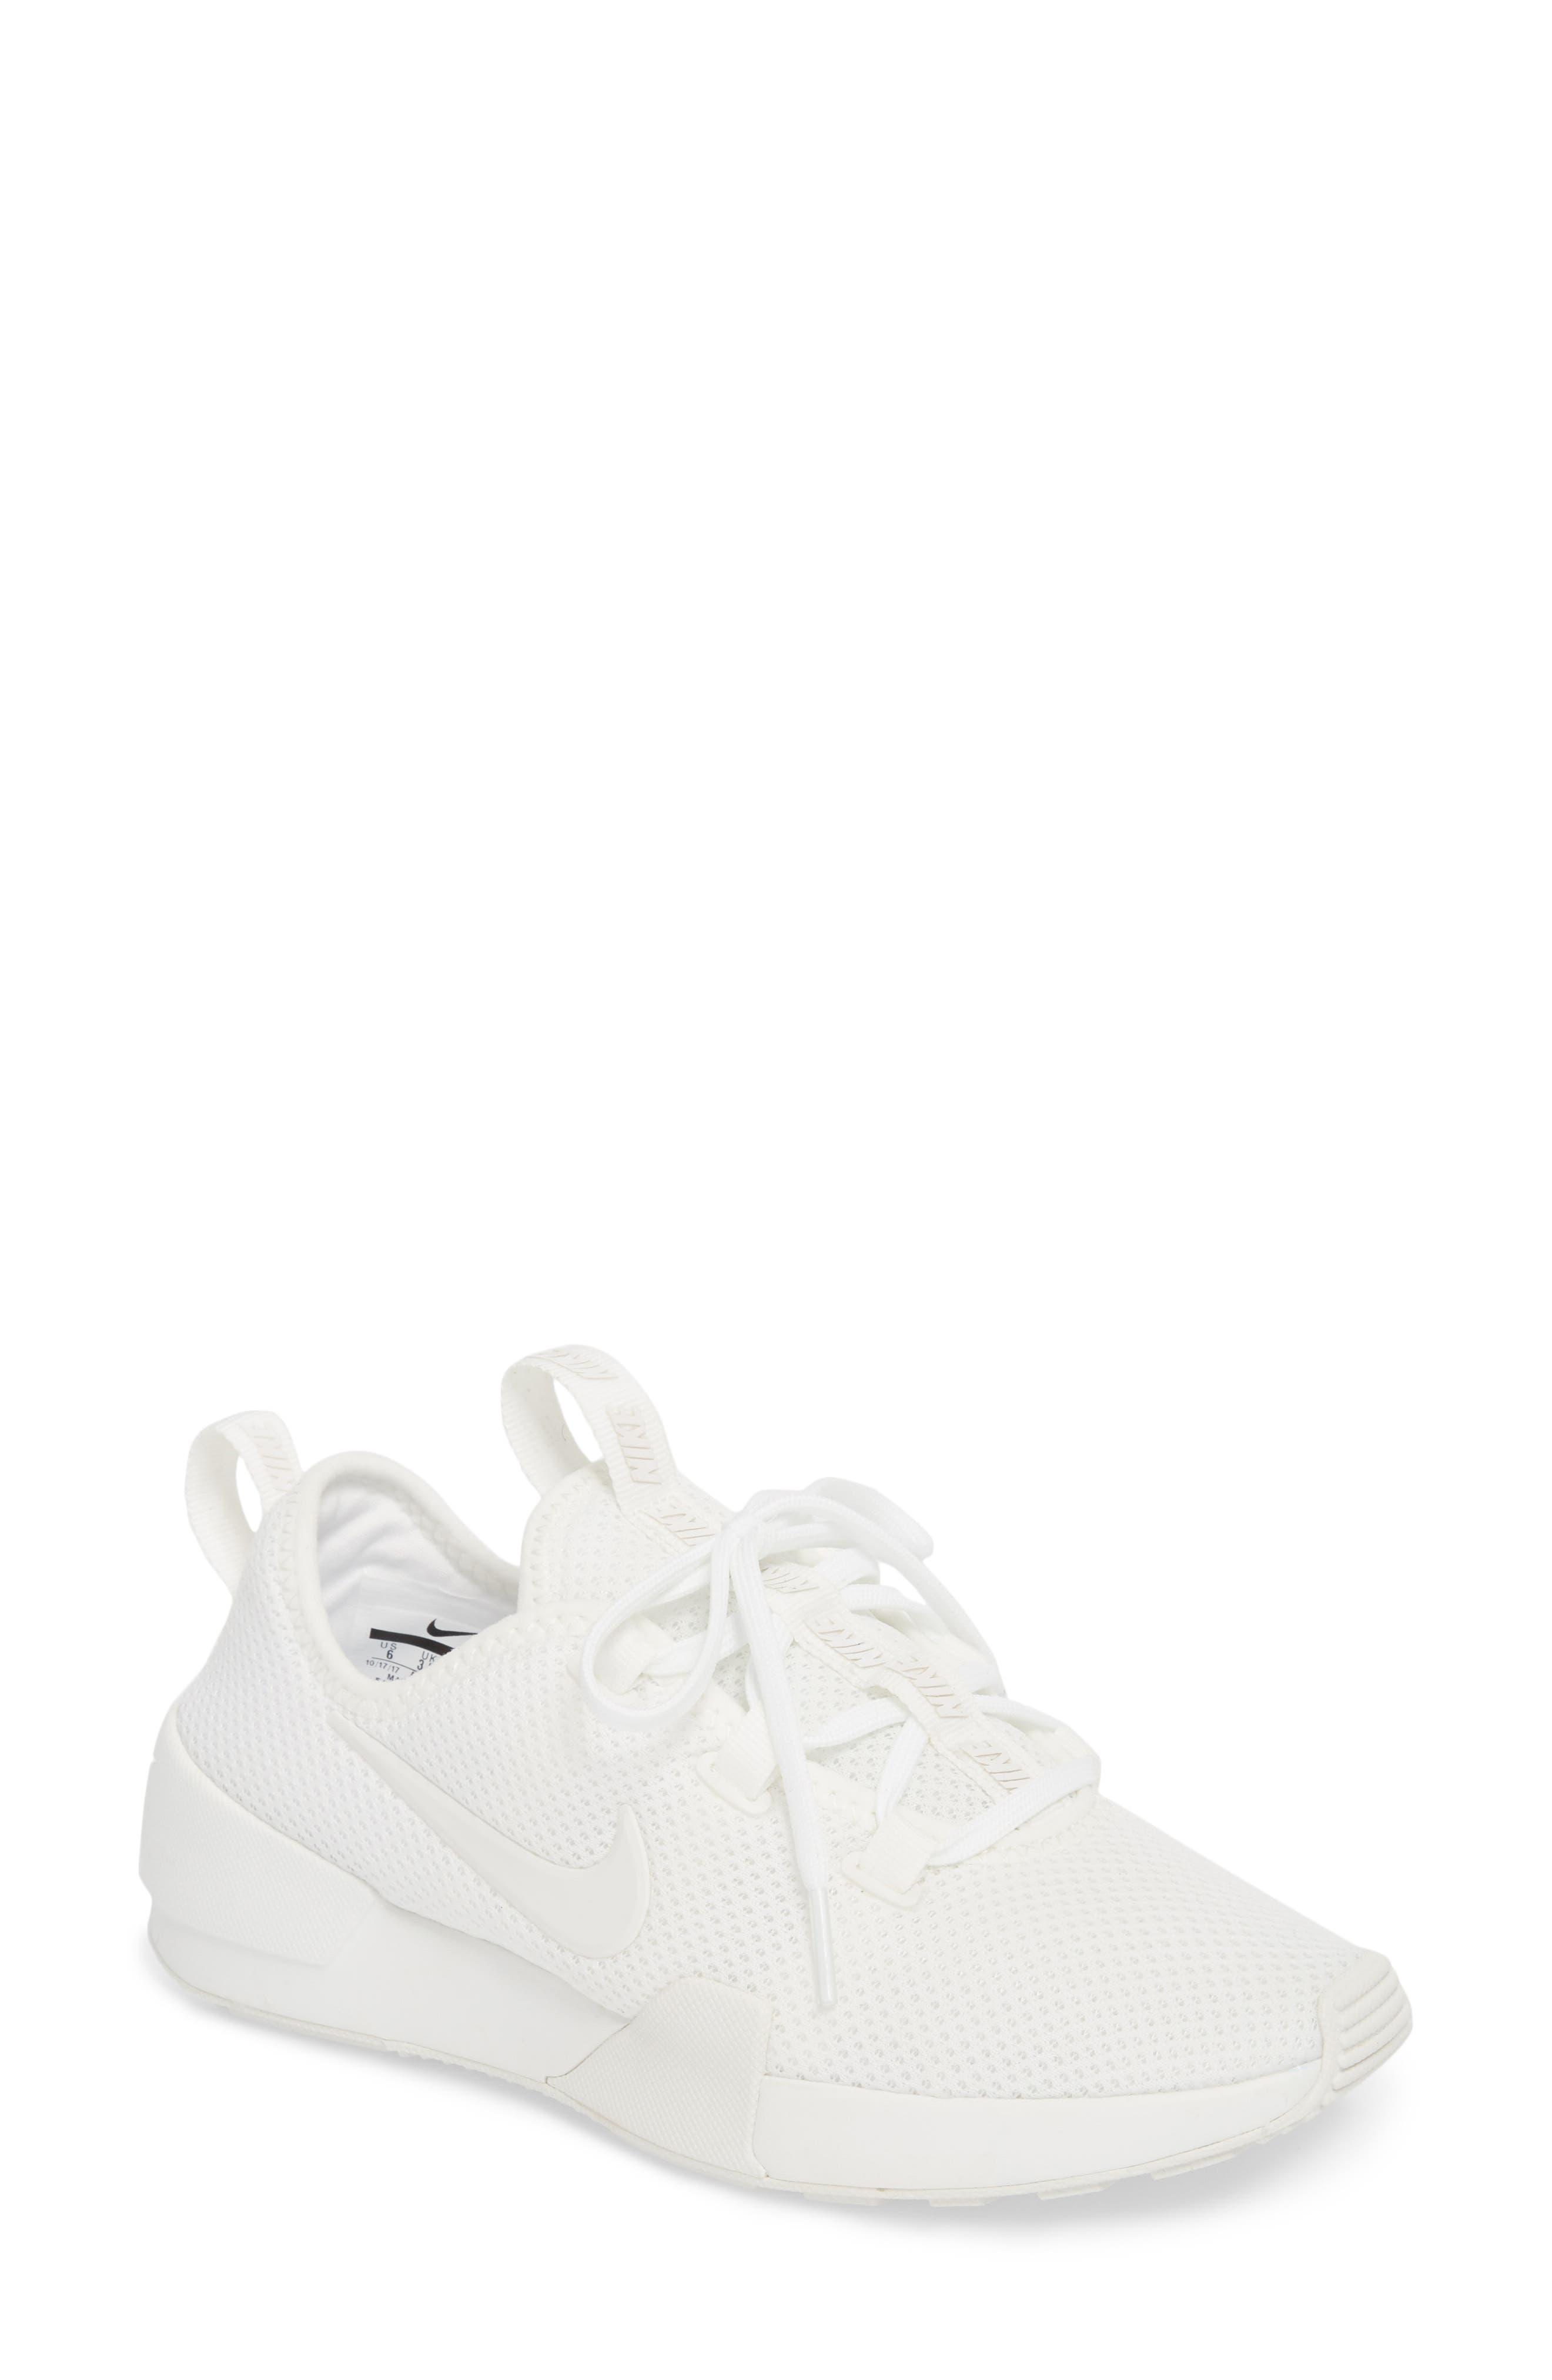 Finishline Libre Del Envío Nike W Ashin Modern Light Pumice/ Summit White Comprar Nuevos Estilos Baratas En Venta Venta En Línea NNIJS3s